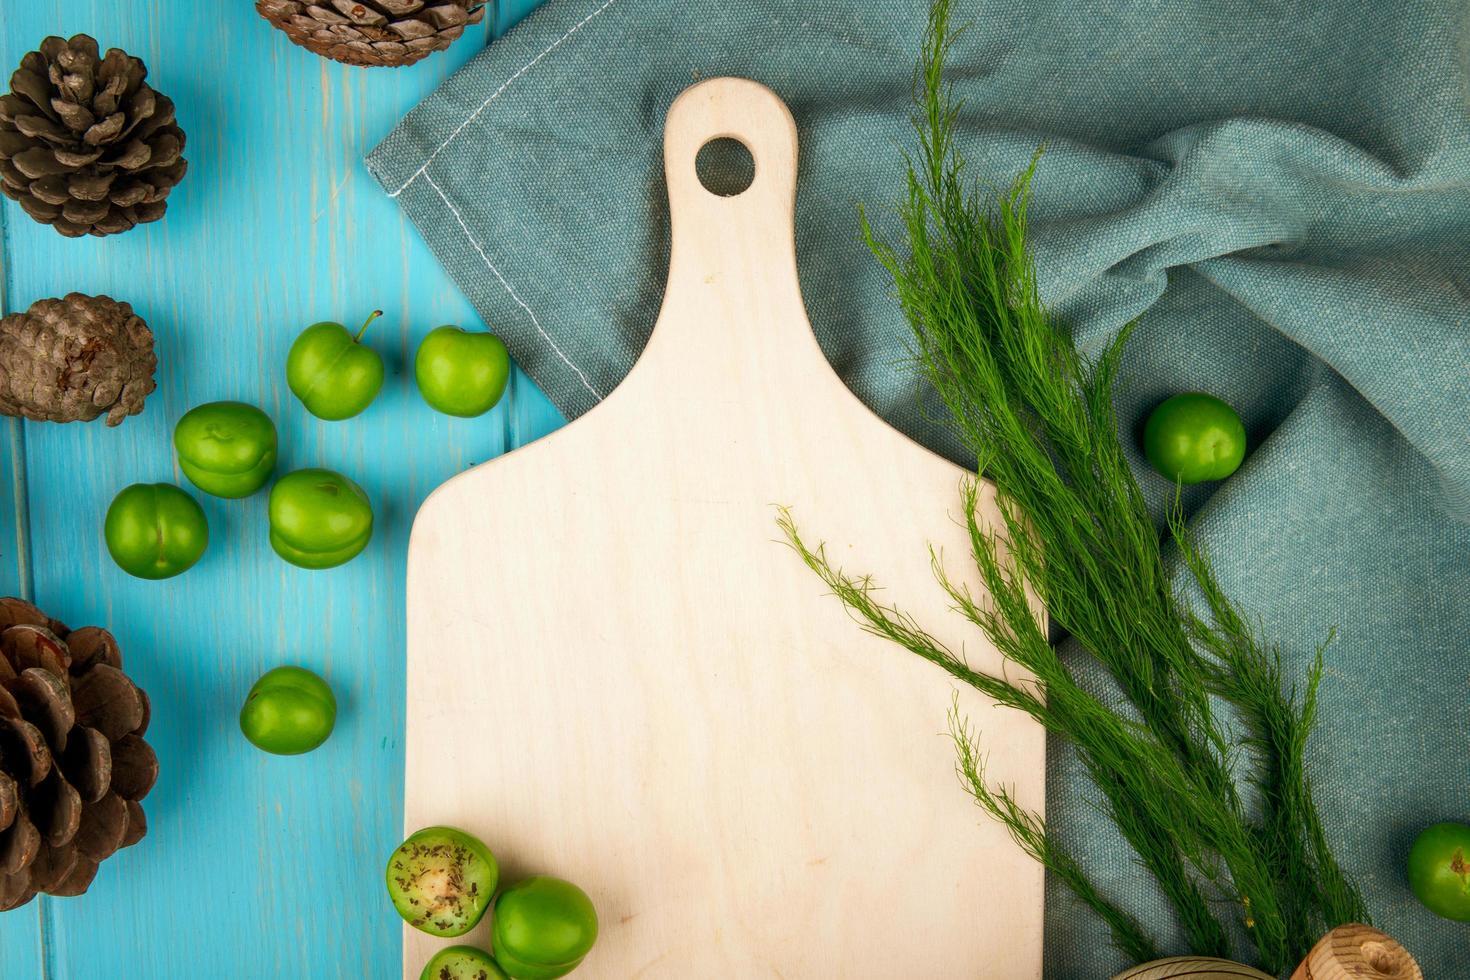 vista dall'alto di una tavola di legno con prugne verdi e pigne foto